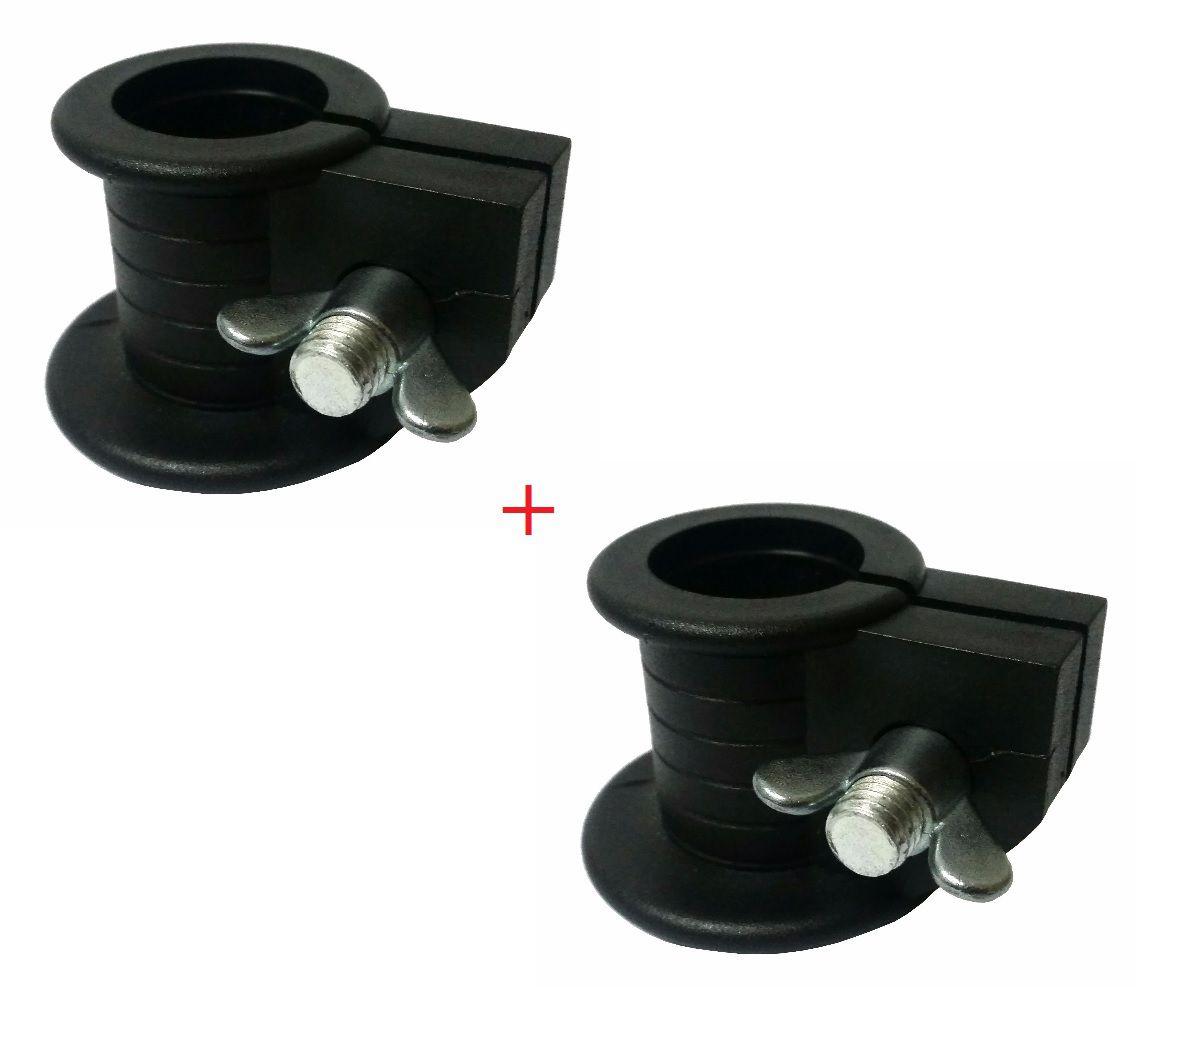 Par De Presilhas Bloqueadora para Barras 1 Polegada (25,4mm)